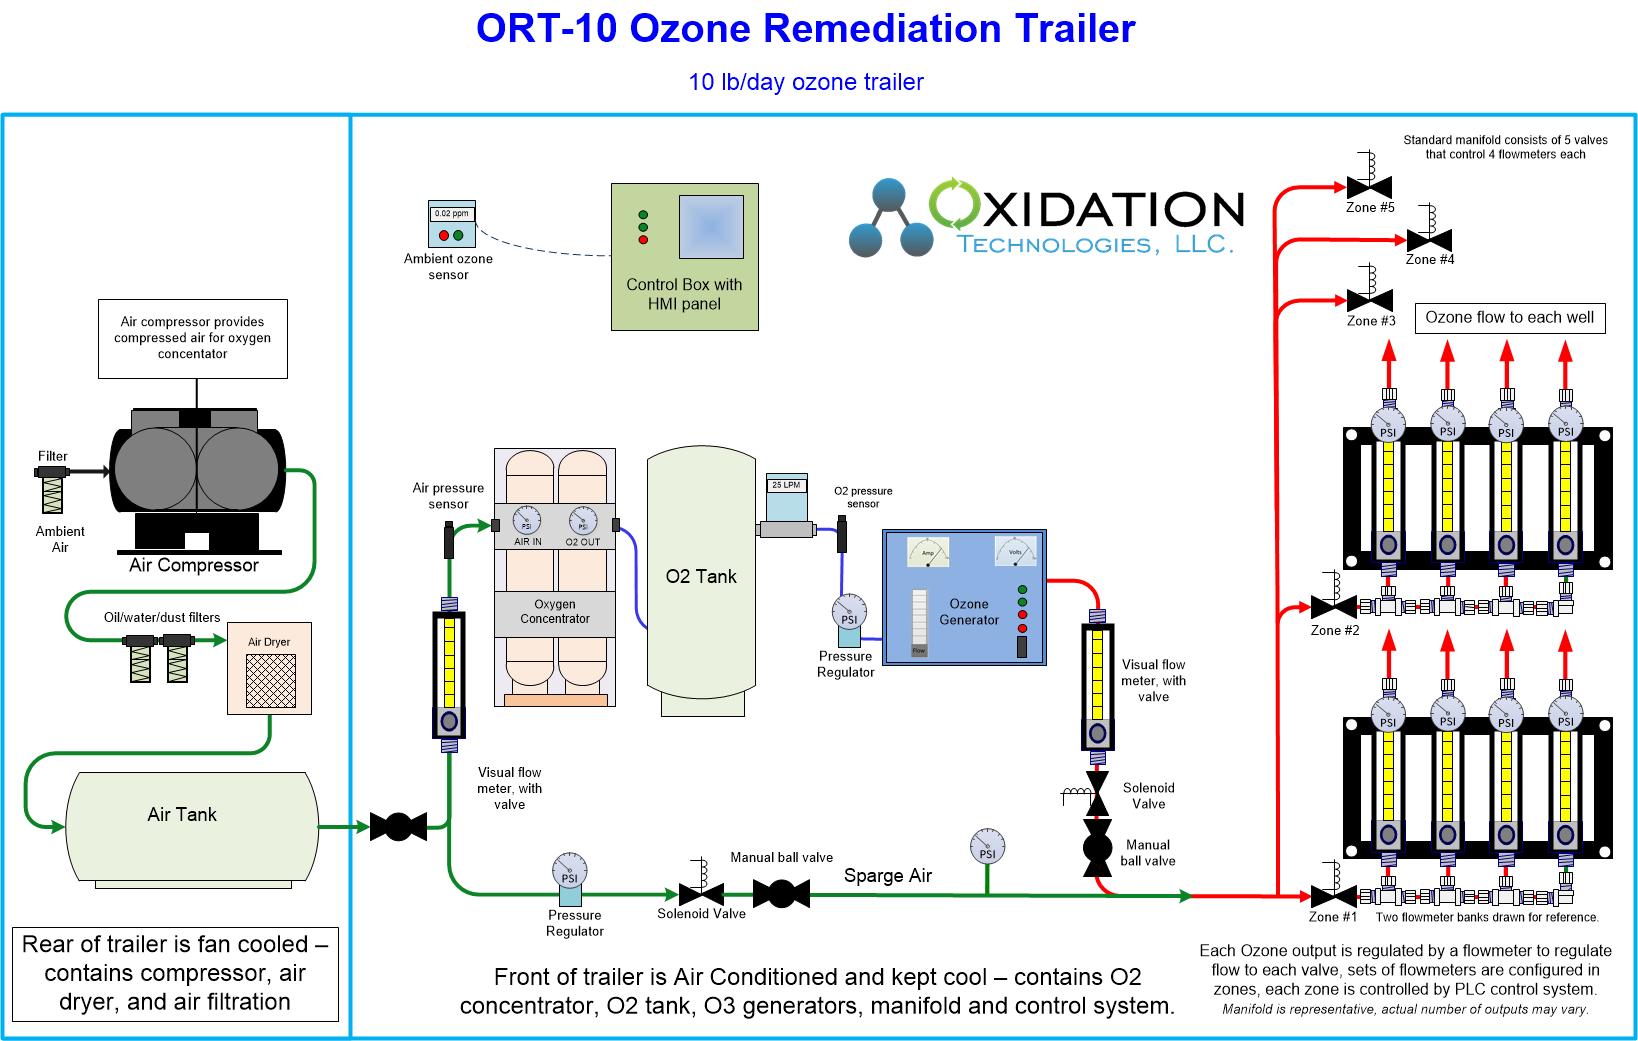 10 lb/day ozone remediation trailer diagram